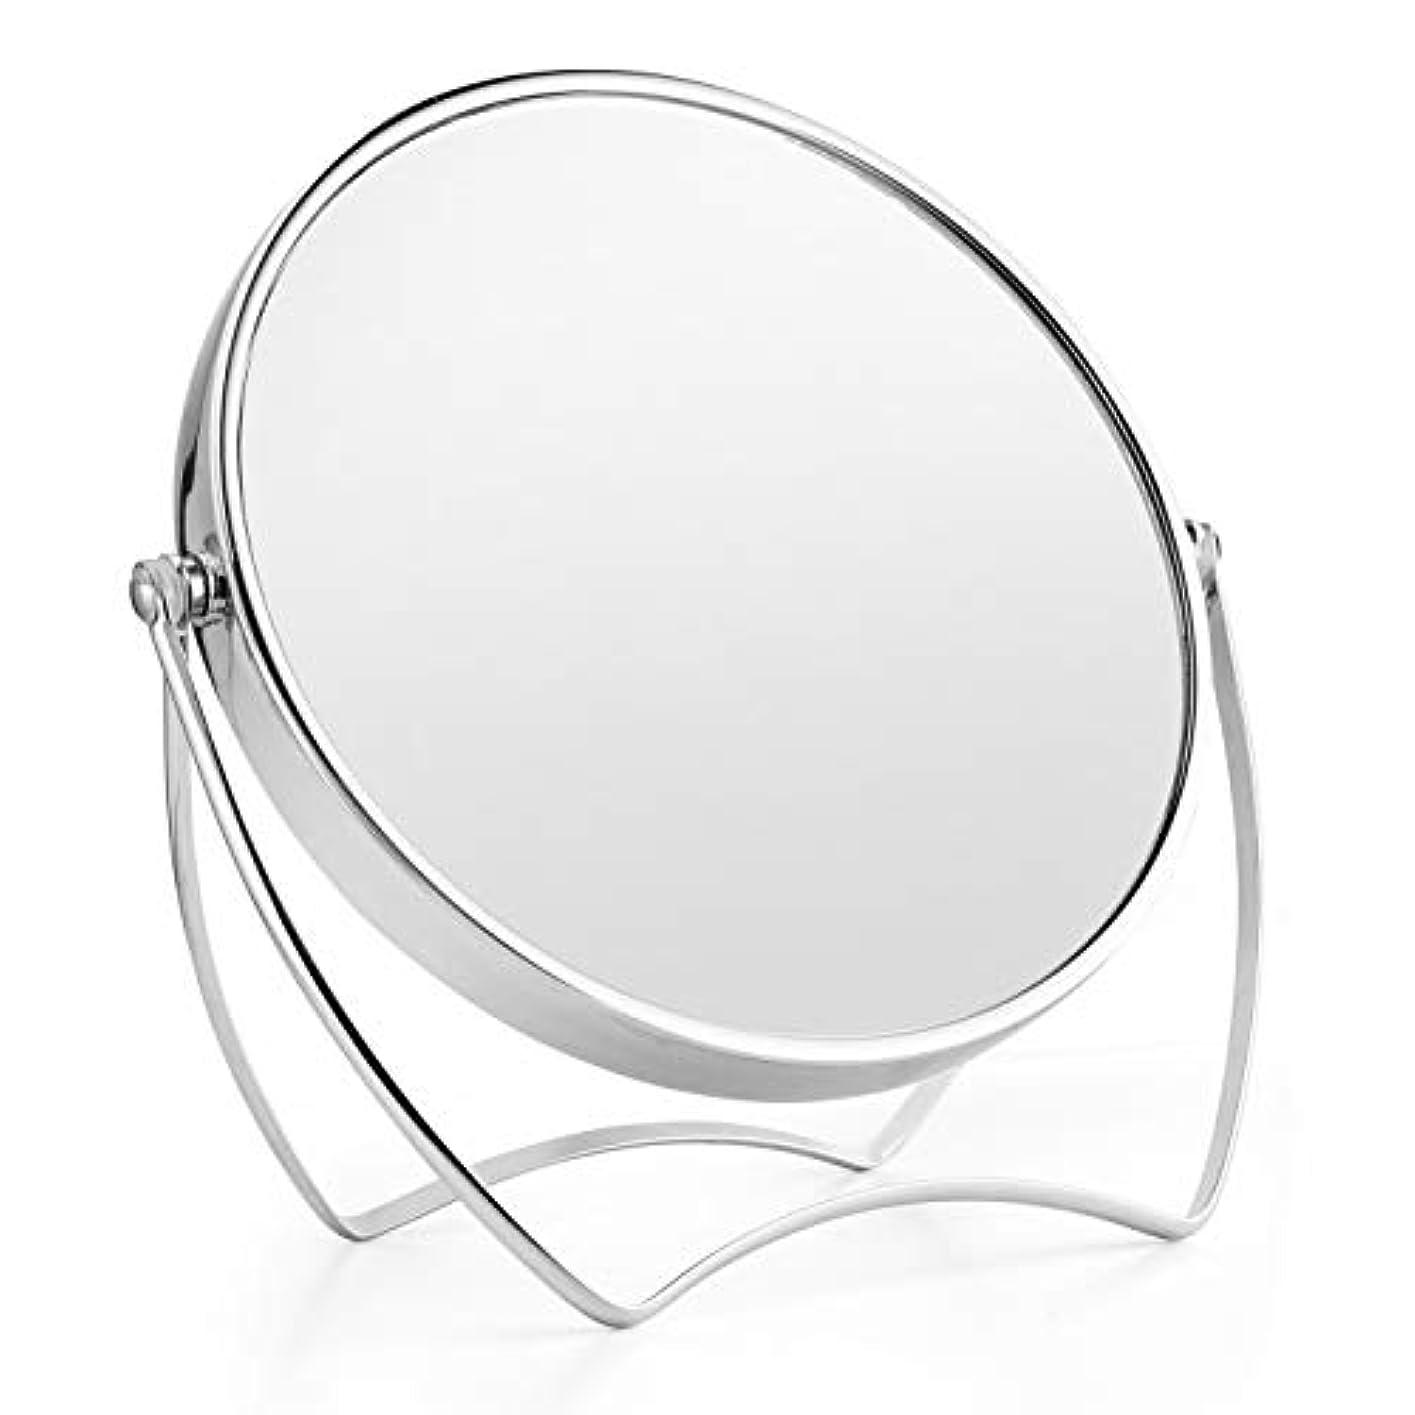 キャンベラフローティング不健康卓上ミラー 化粧鏡 1倍/5倍拡大鏡 メイクミラー 両面化粧鏡 ラウンドミラー 女優ミラー スタンドミラー 卓上鏡 360°回転ブラケット メタルフレームバニティミラー 寝室や浴室に適しています(15cm)